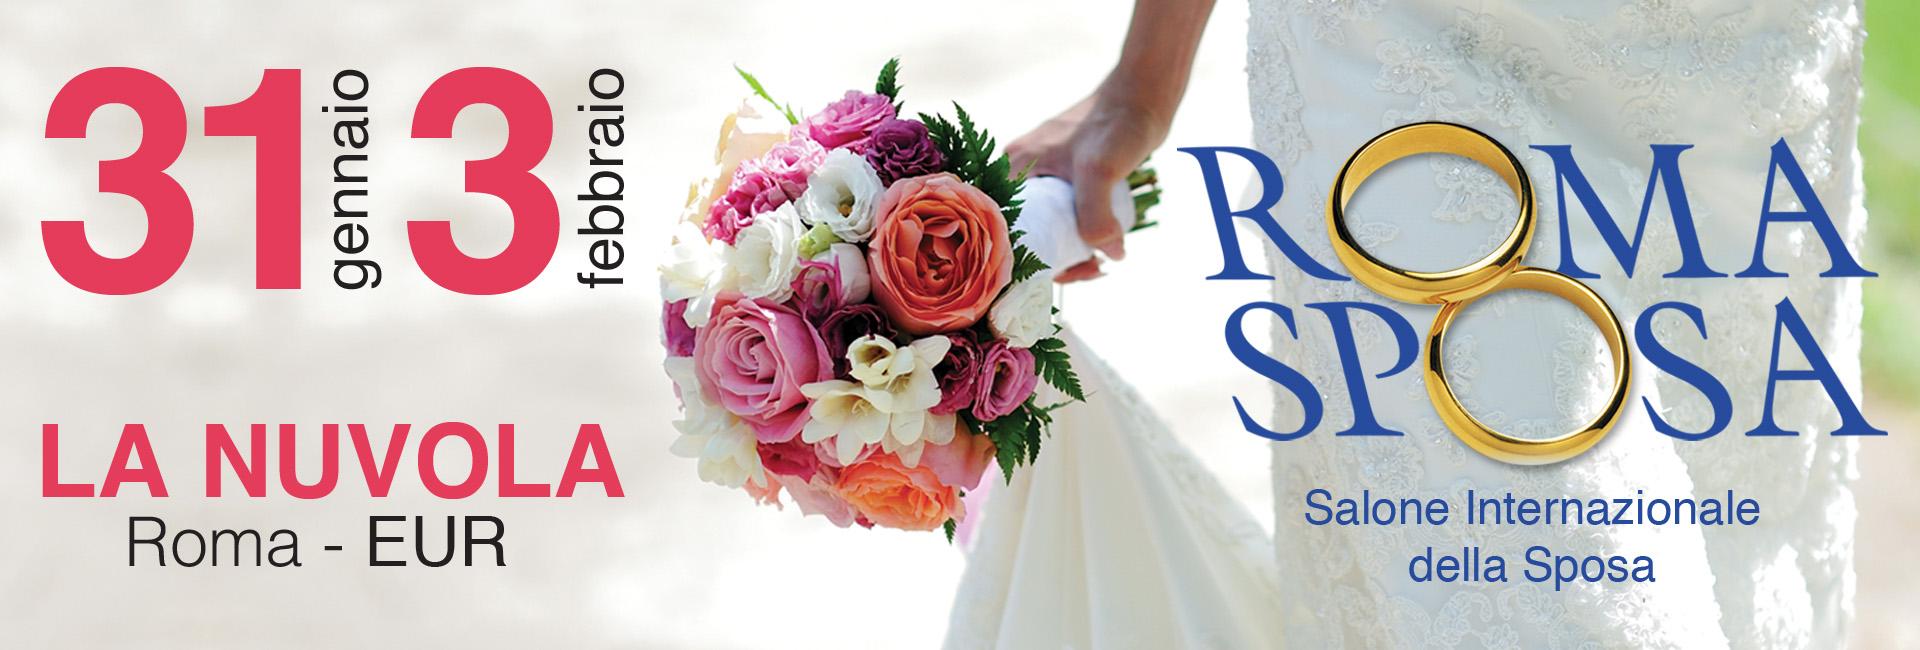 Bouquet Sposa Roma.Roma Sposa 2019 Dal 31 Gennaio Al 3 Febbraio Presso La Nuvola